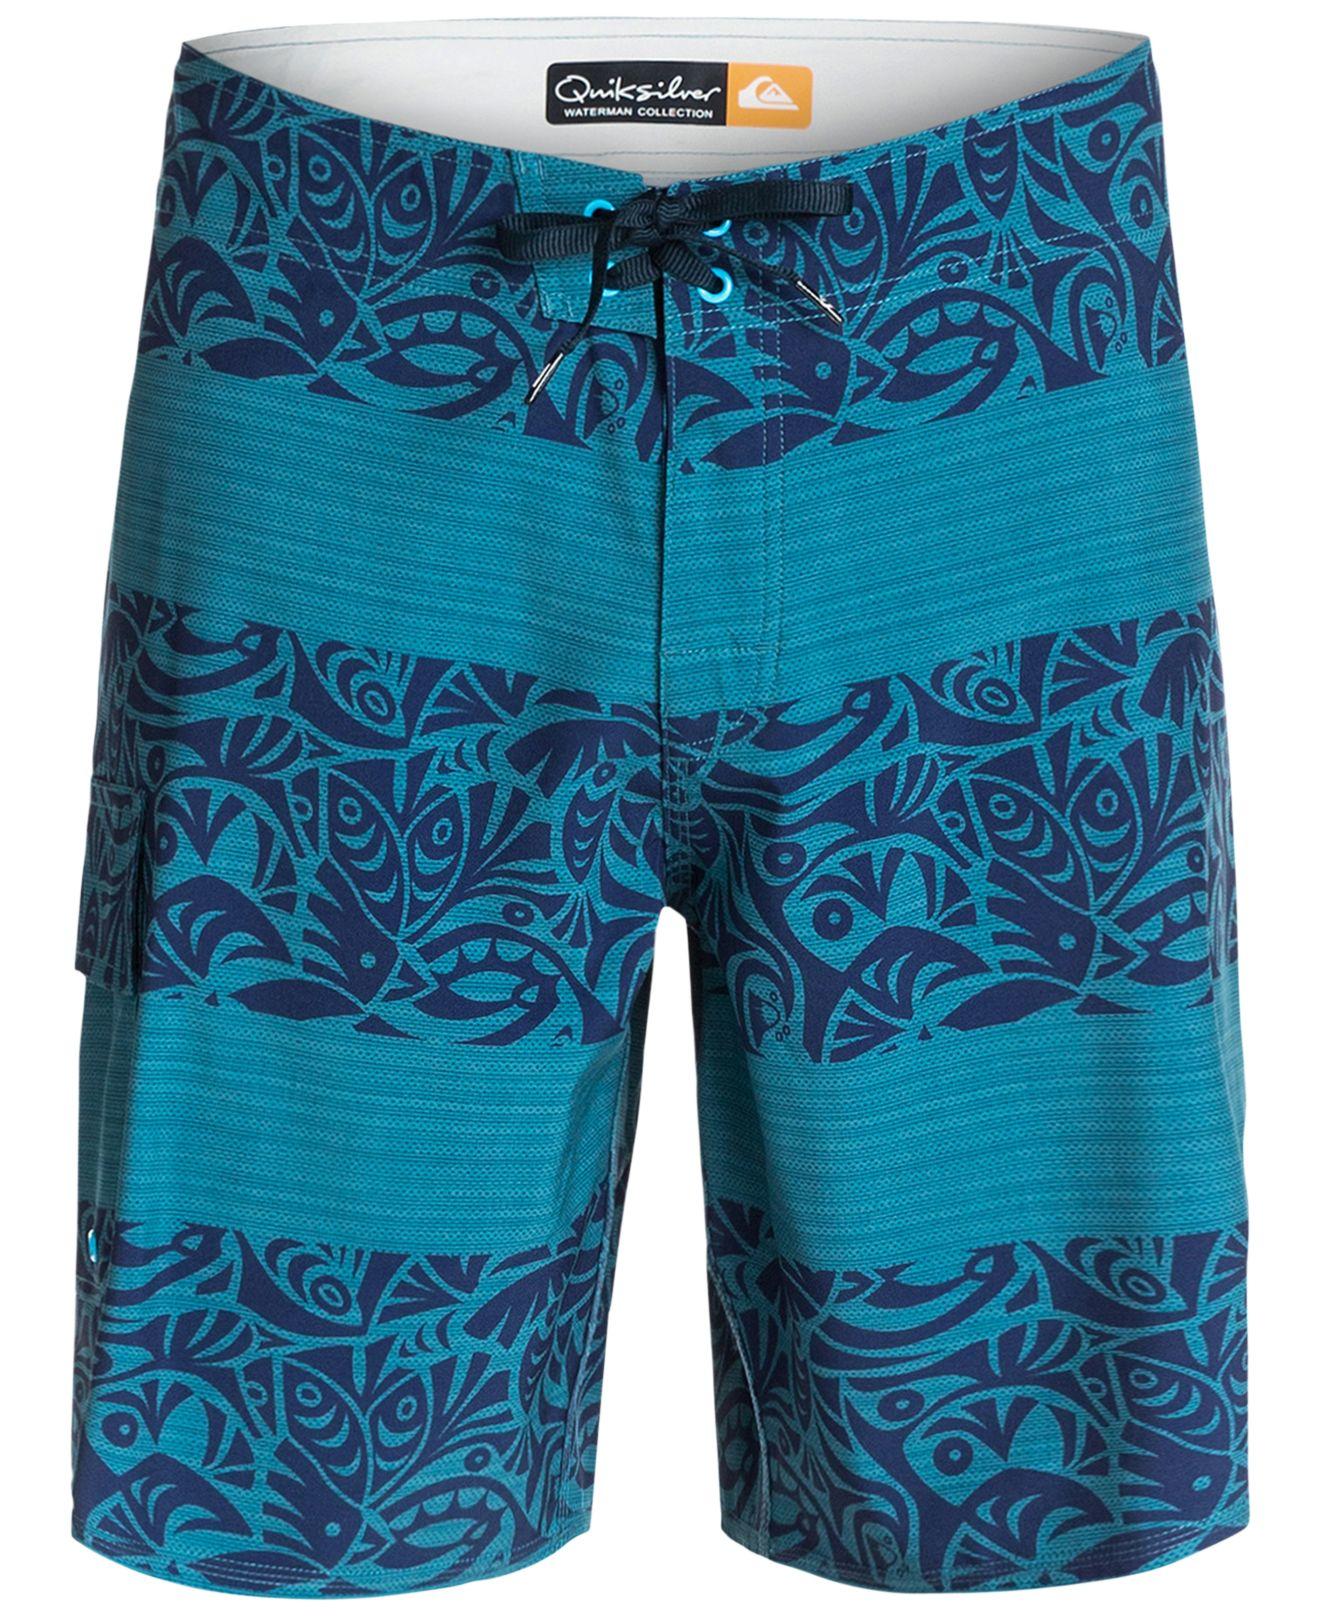 5bb732e156 Lyst - Quiksilver Waterman Parapa Swim Trunks in Blue for Men